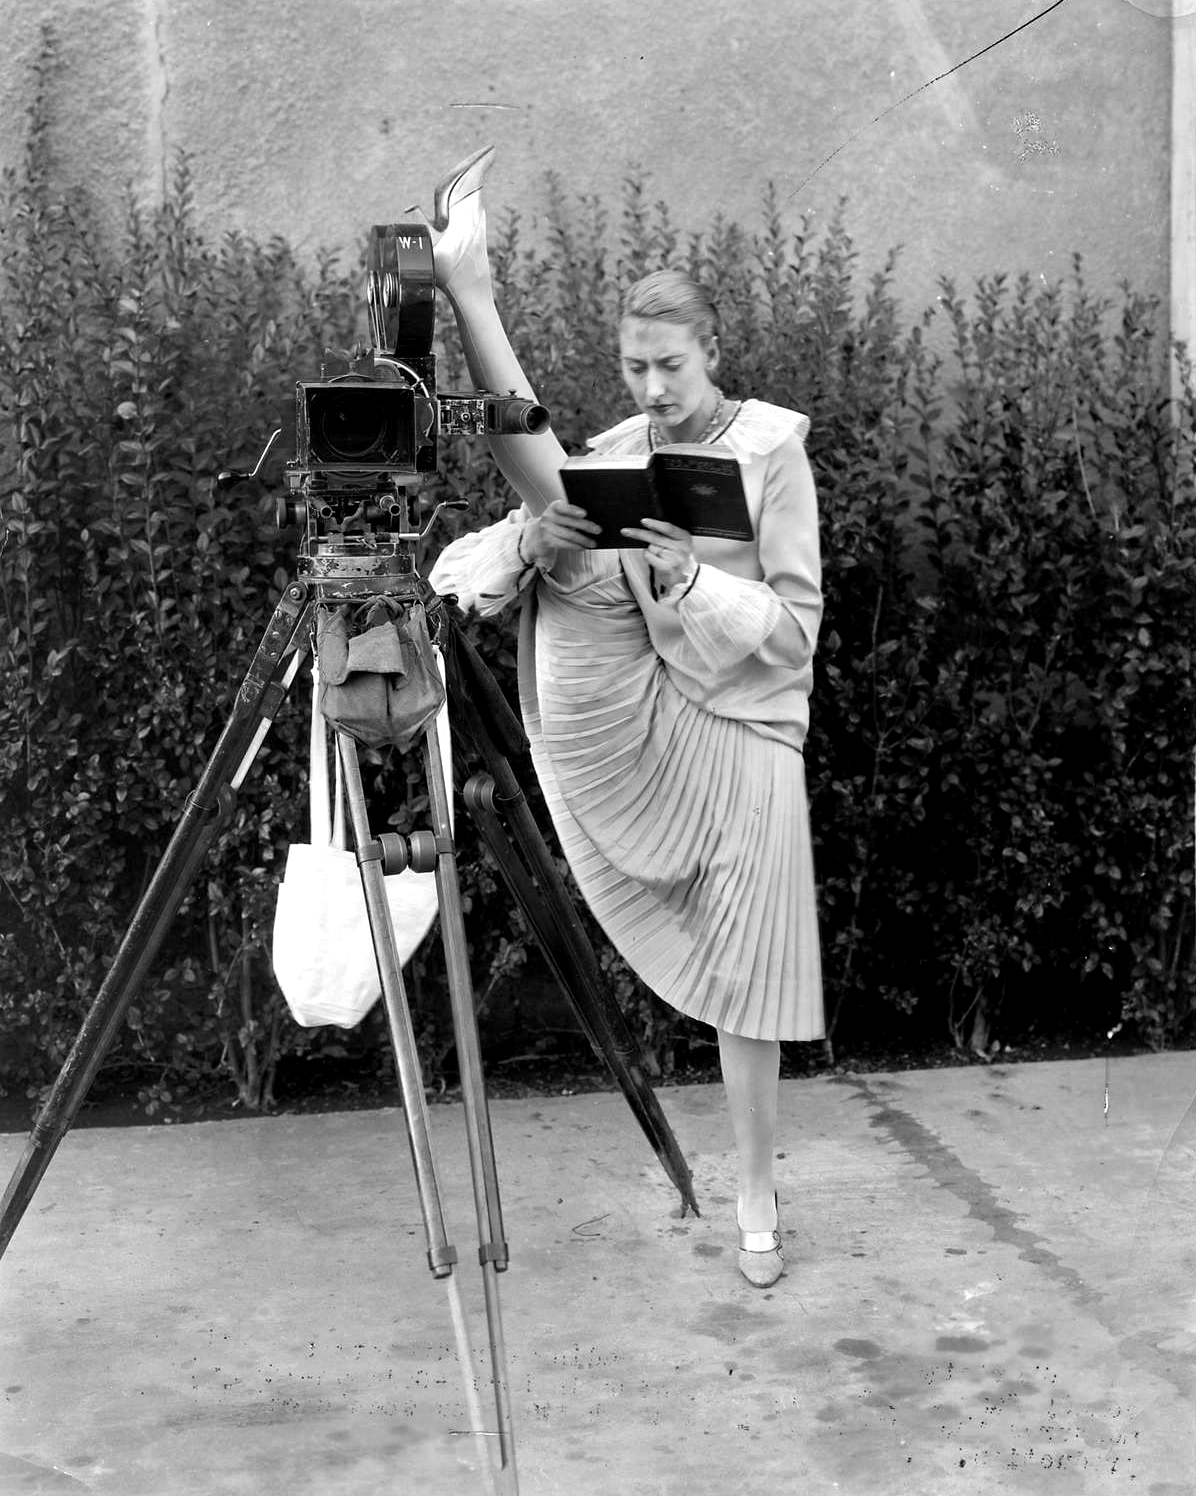 Public domain photo.